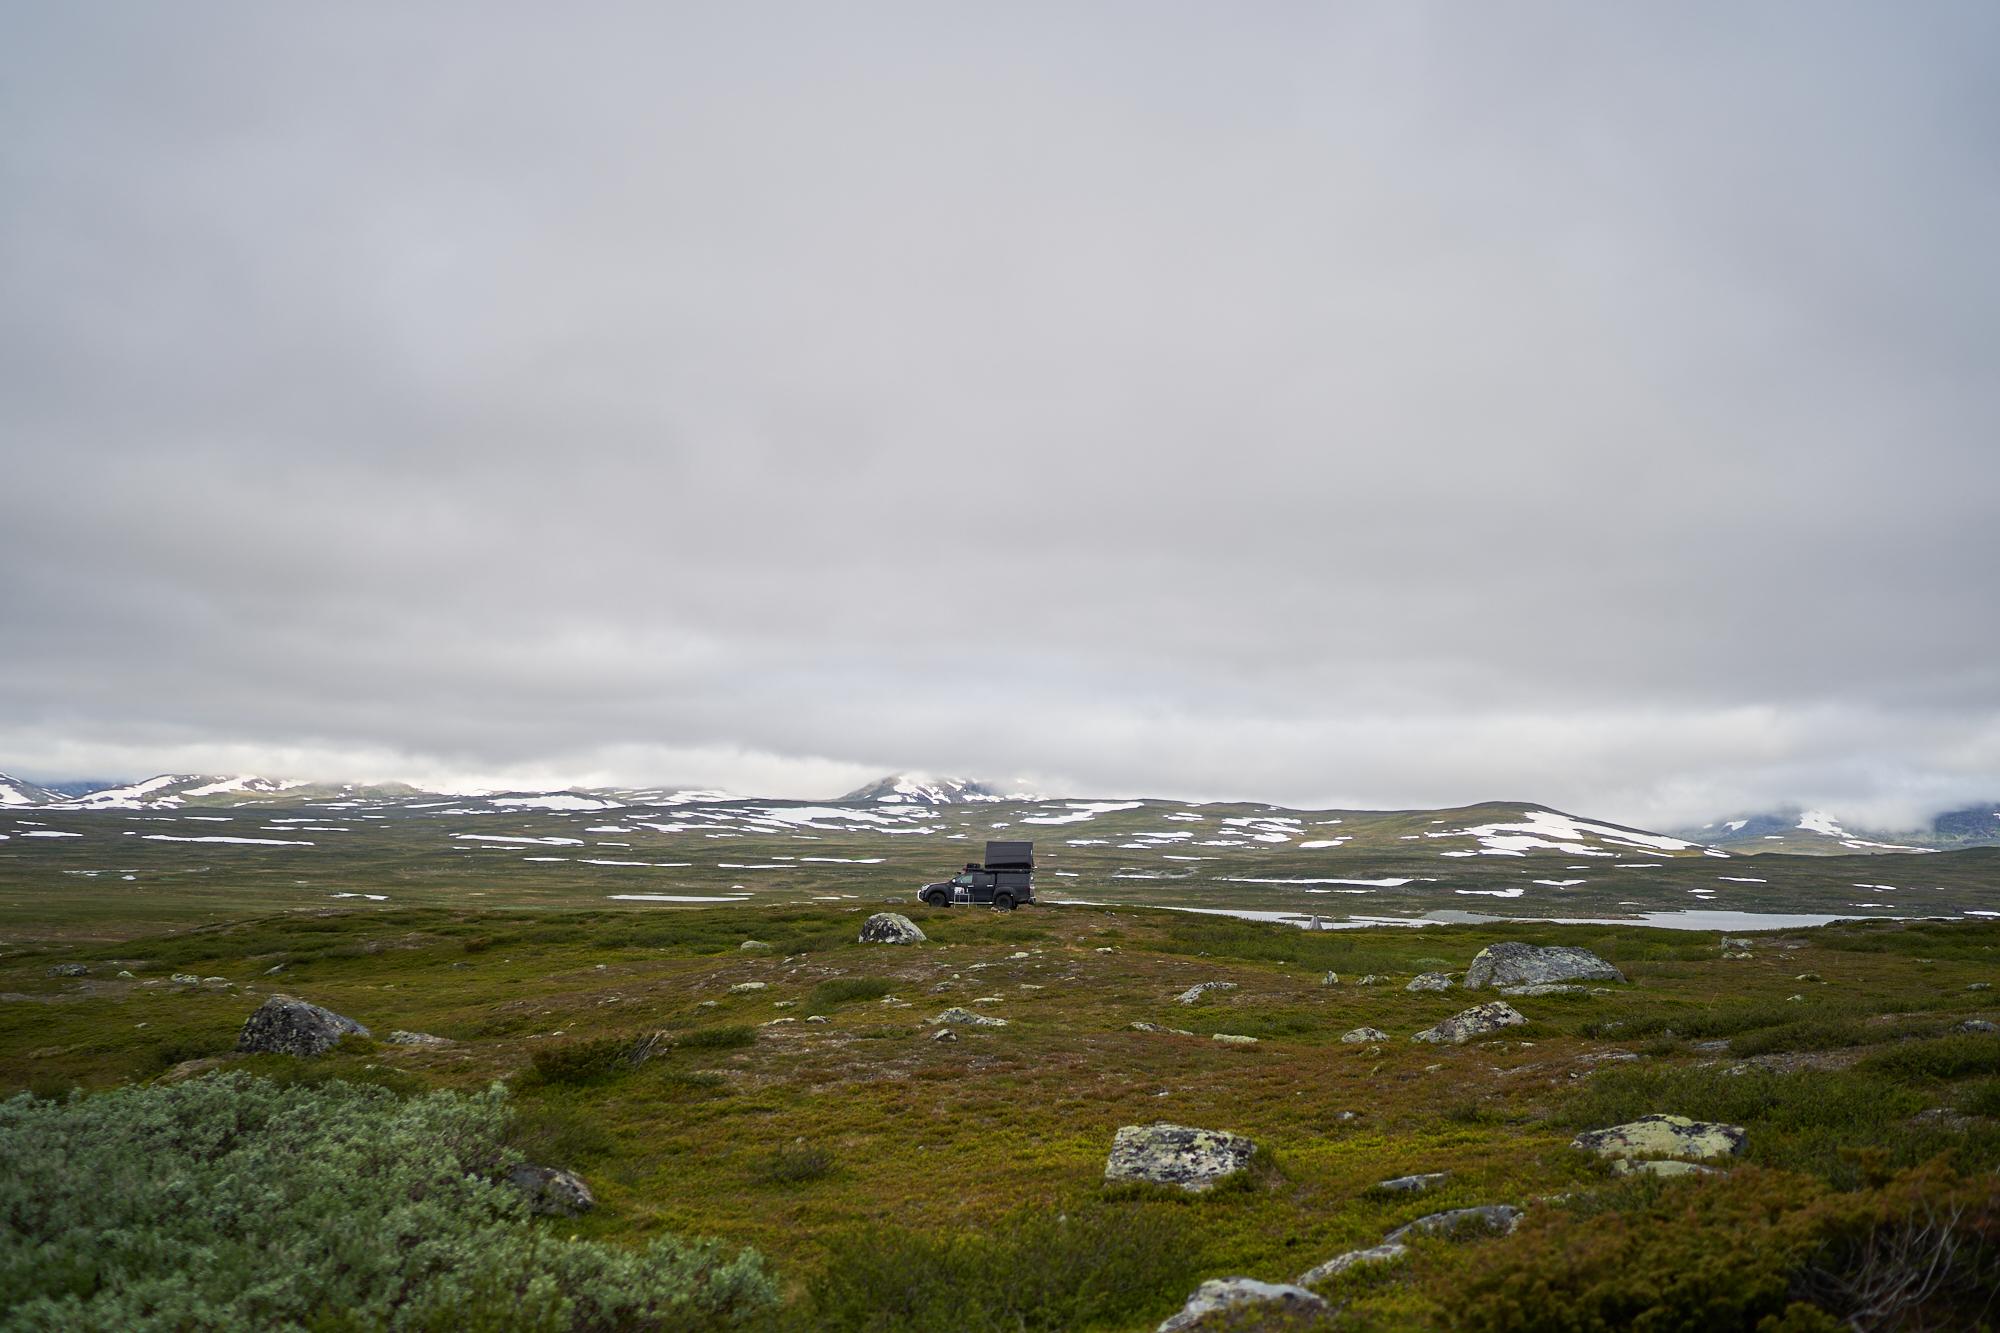 20190710-Zweden-S19-NIK08207.jpg